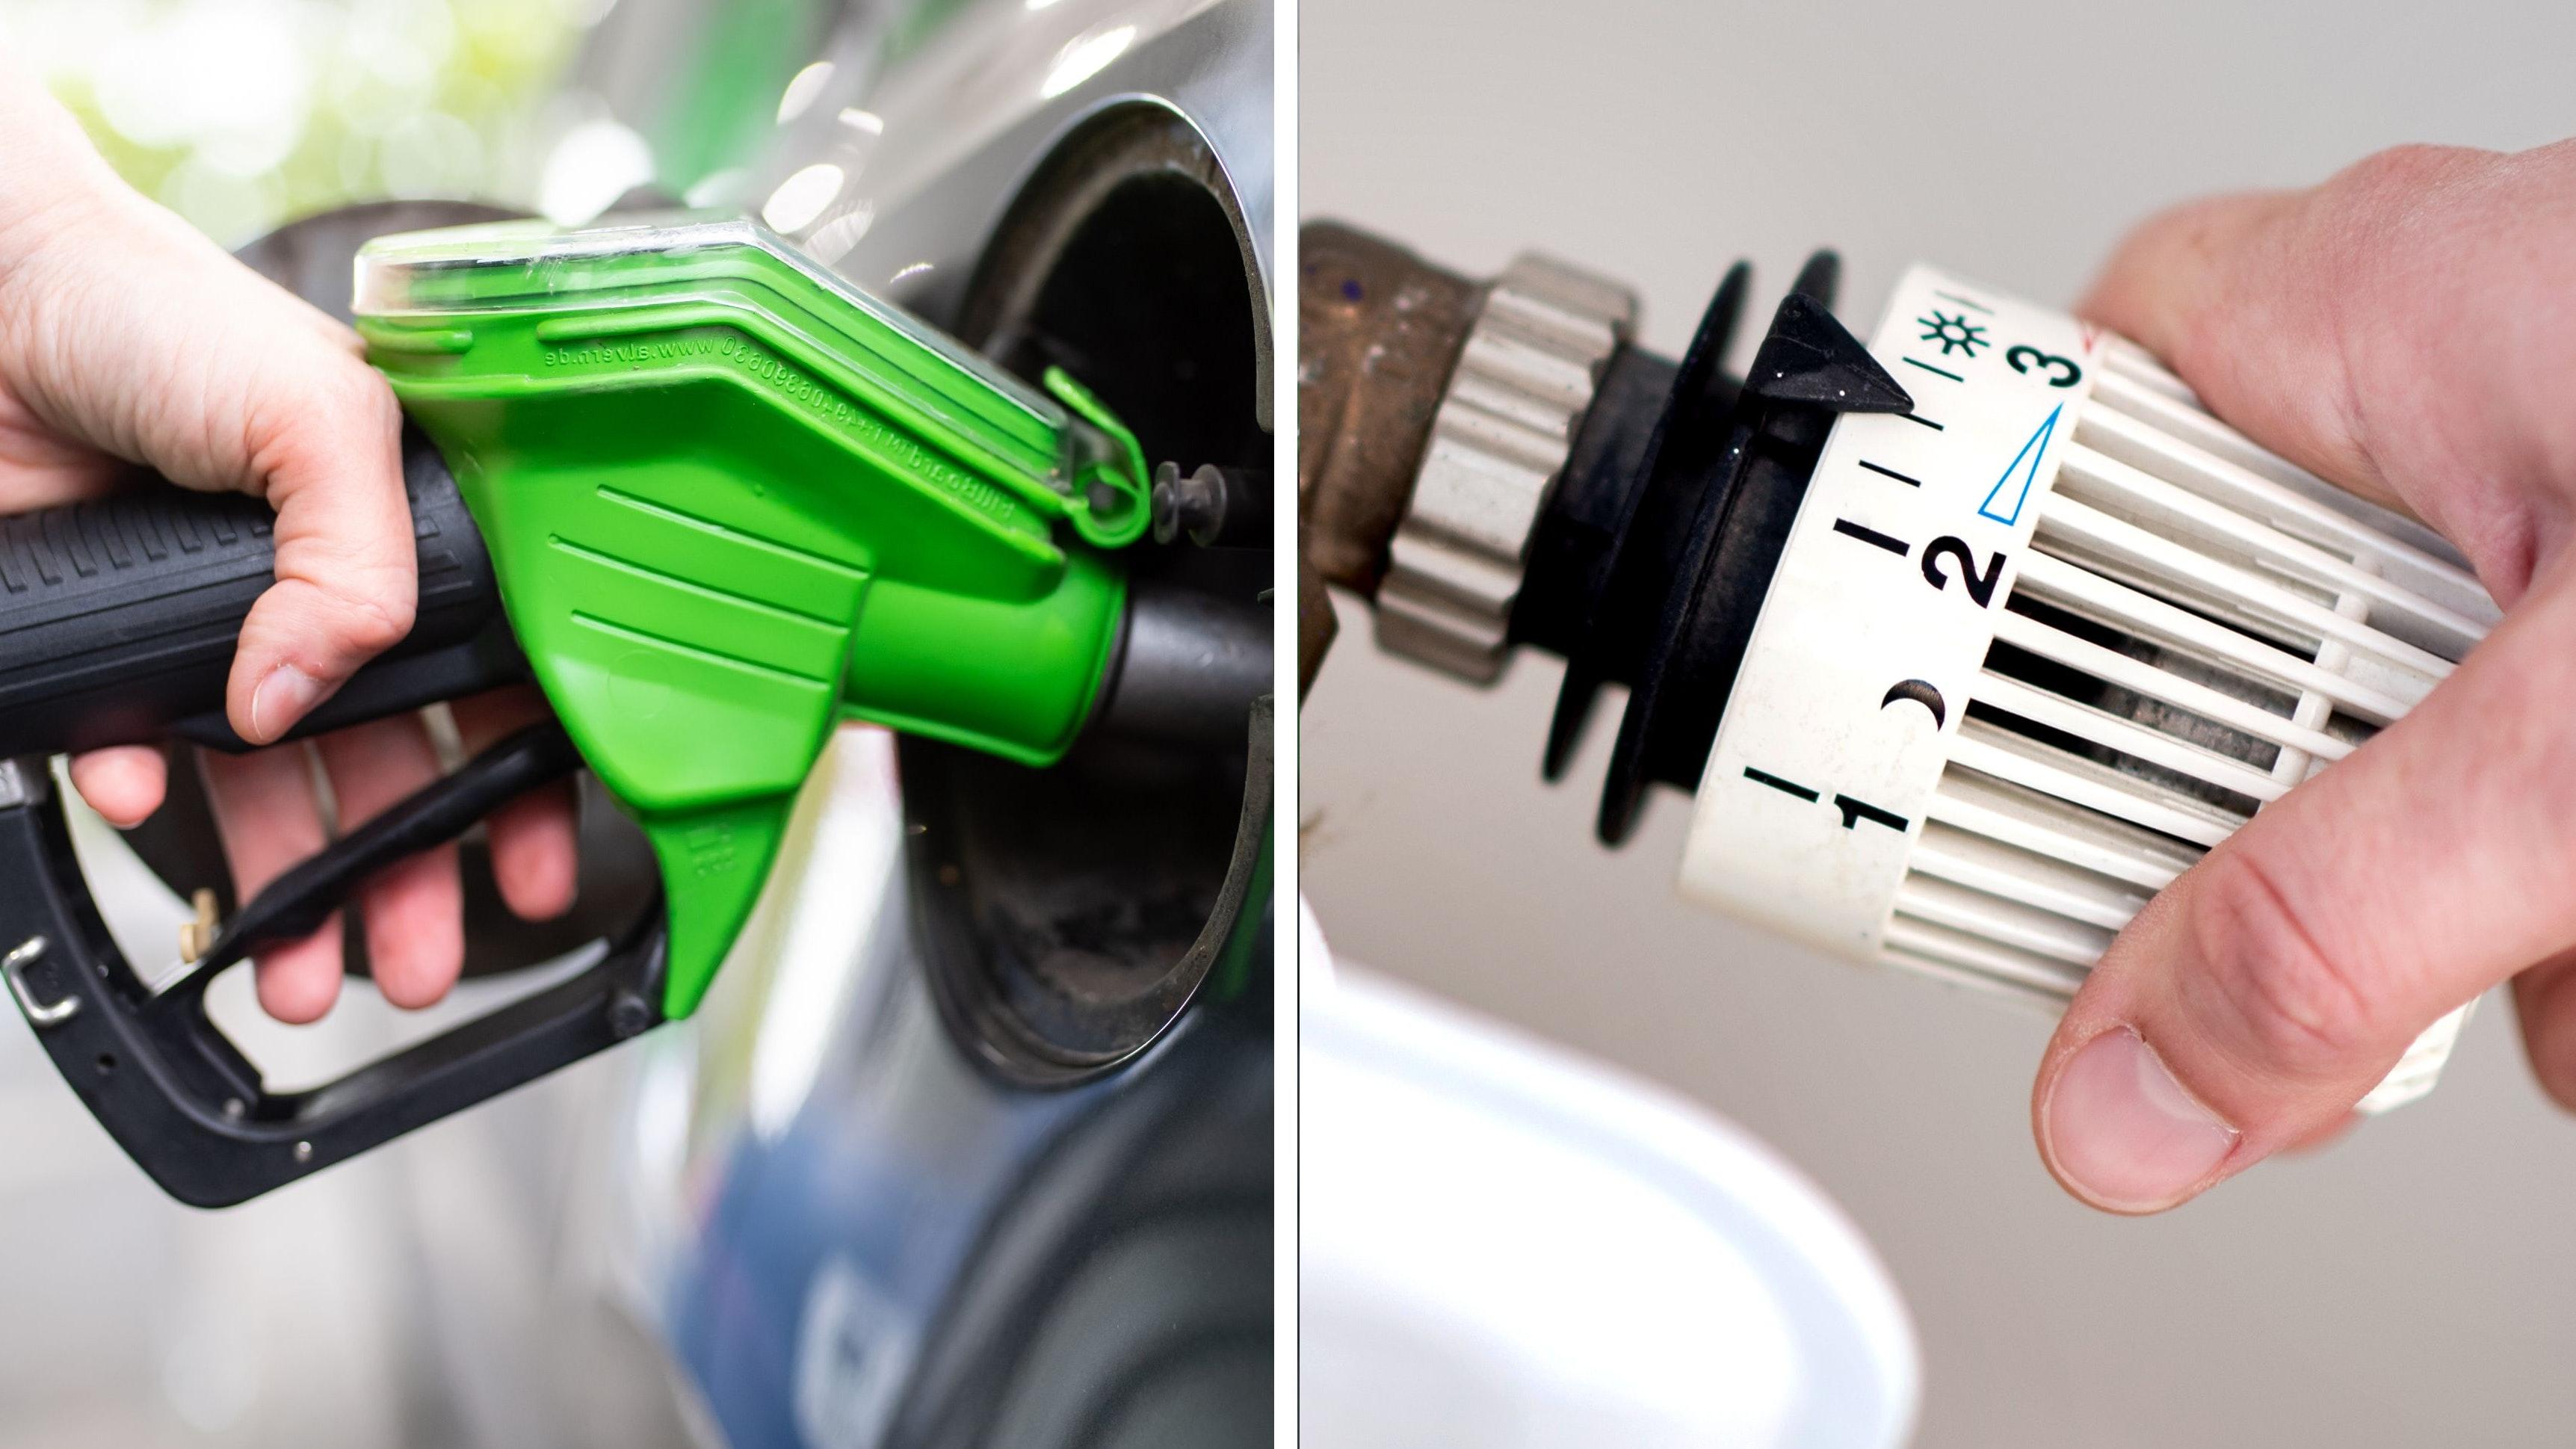 Verbraucher müssen für Kraftstoffe und Haushaltsenergie nach den vorläufigen Daten 14,3 Prozent mehr zahlen als ein Jahr zuvor. Fotos: dpa